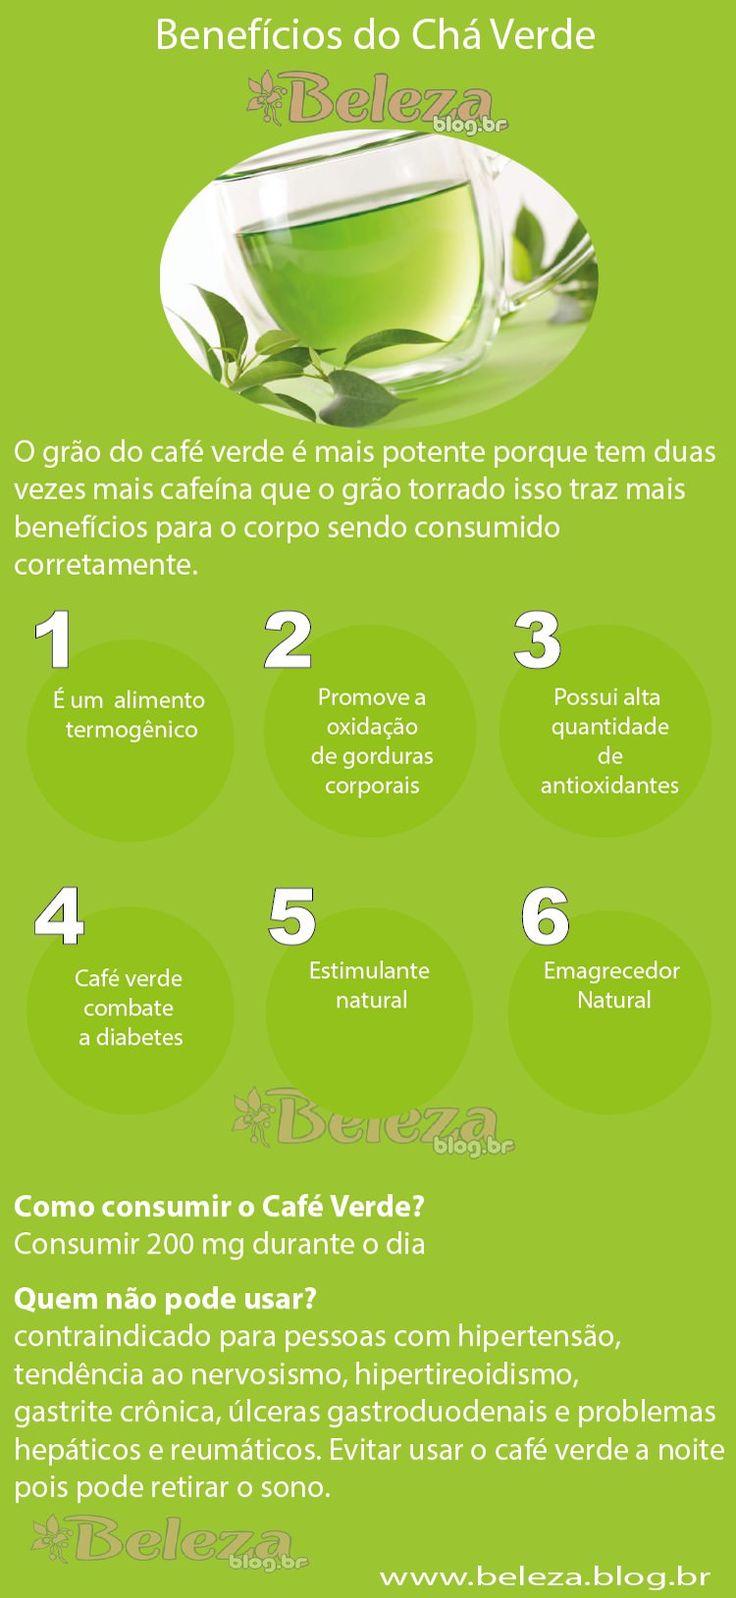 Beneficios do Chá Verde